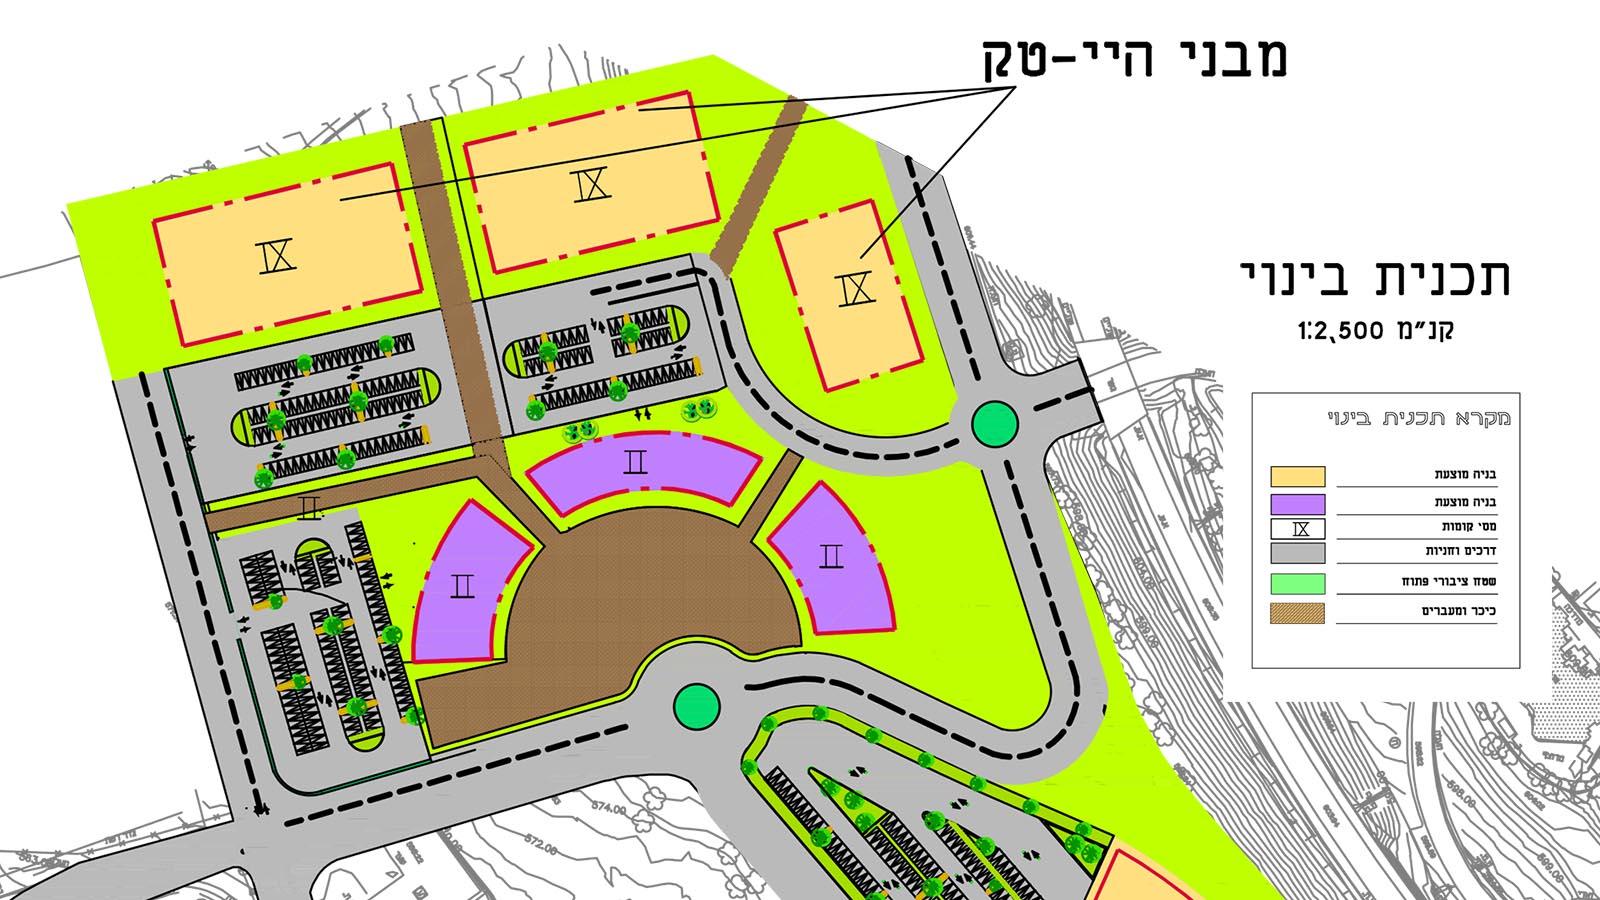 מרכז תעשייה ומסחר בצפת - חלק מתוכנית הבינוי - מבניי הייטק